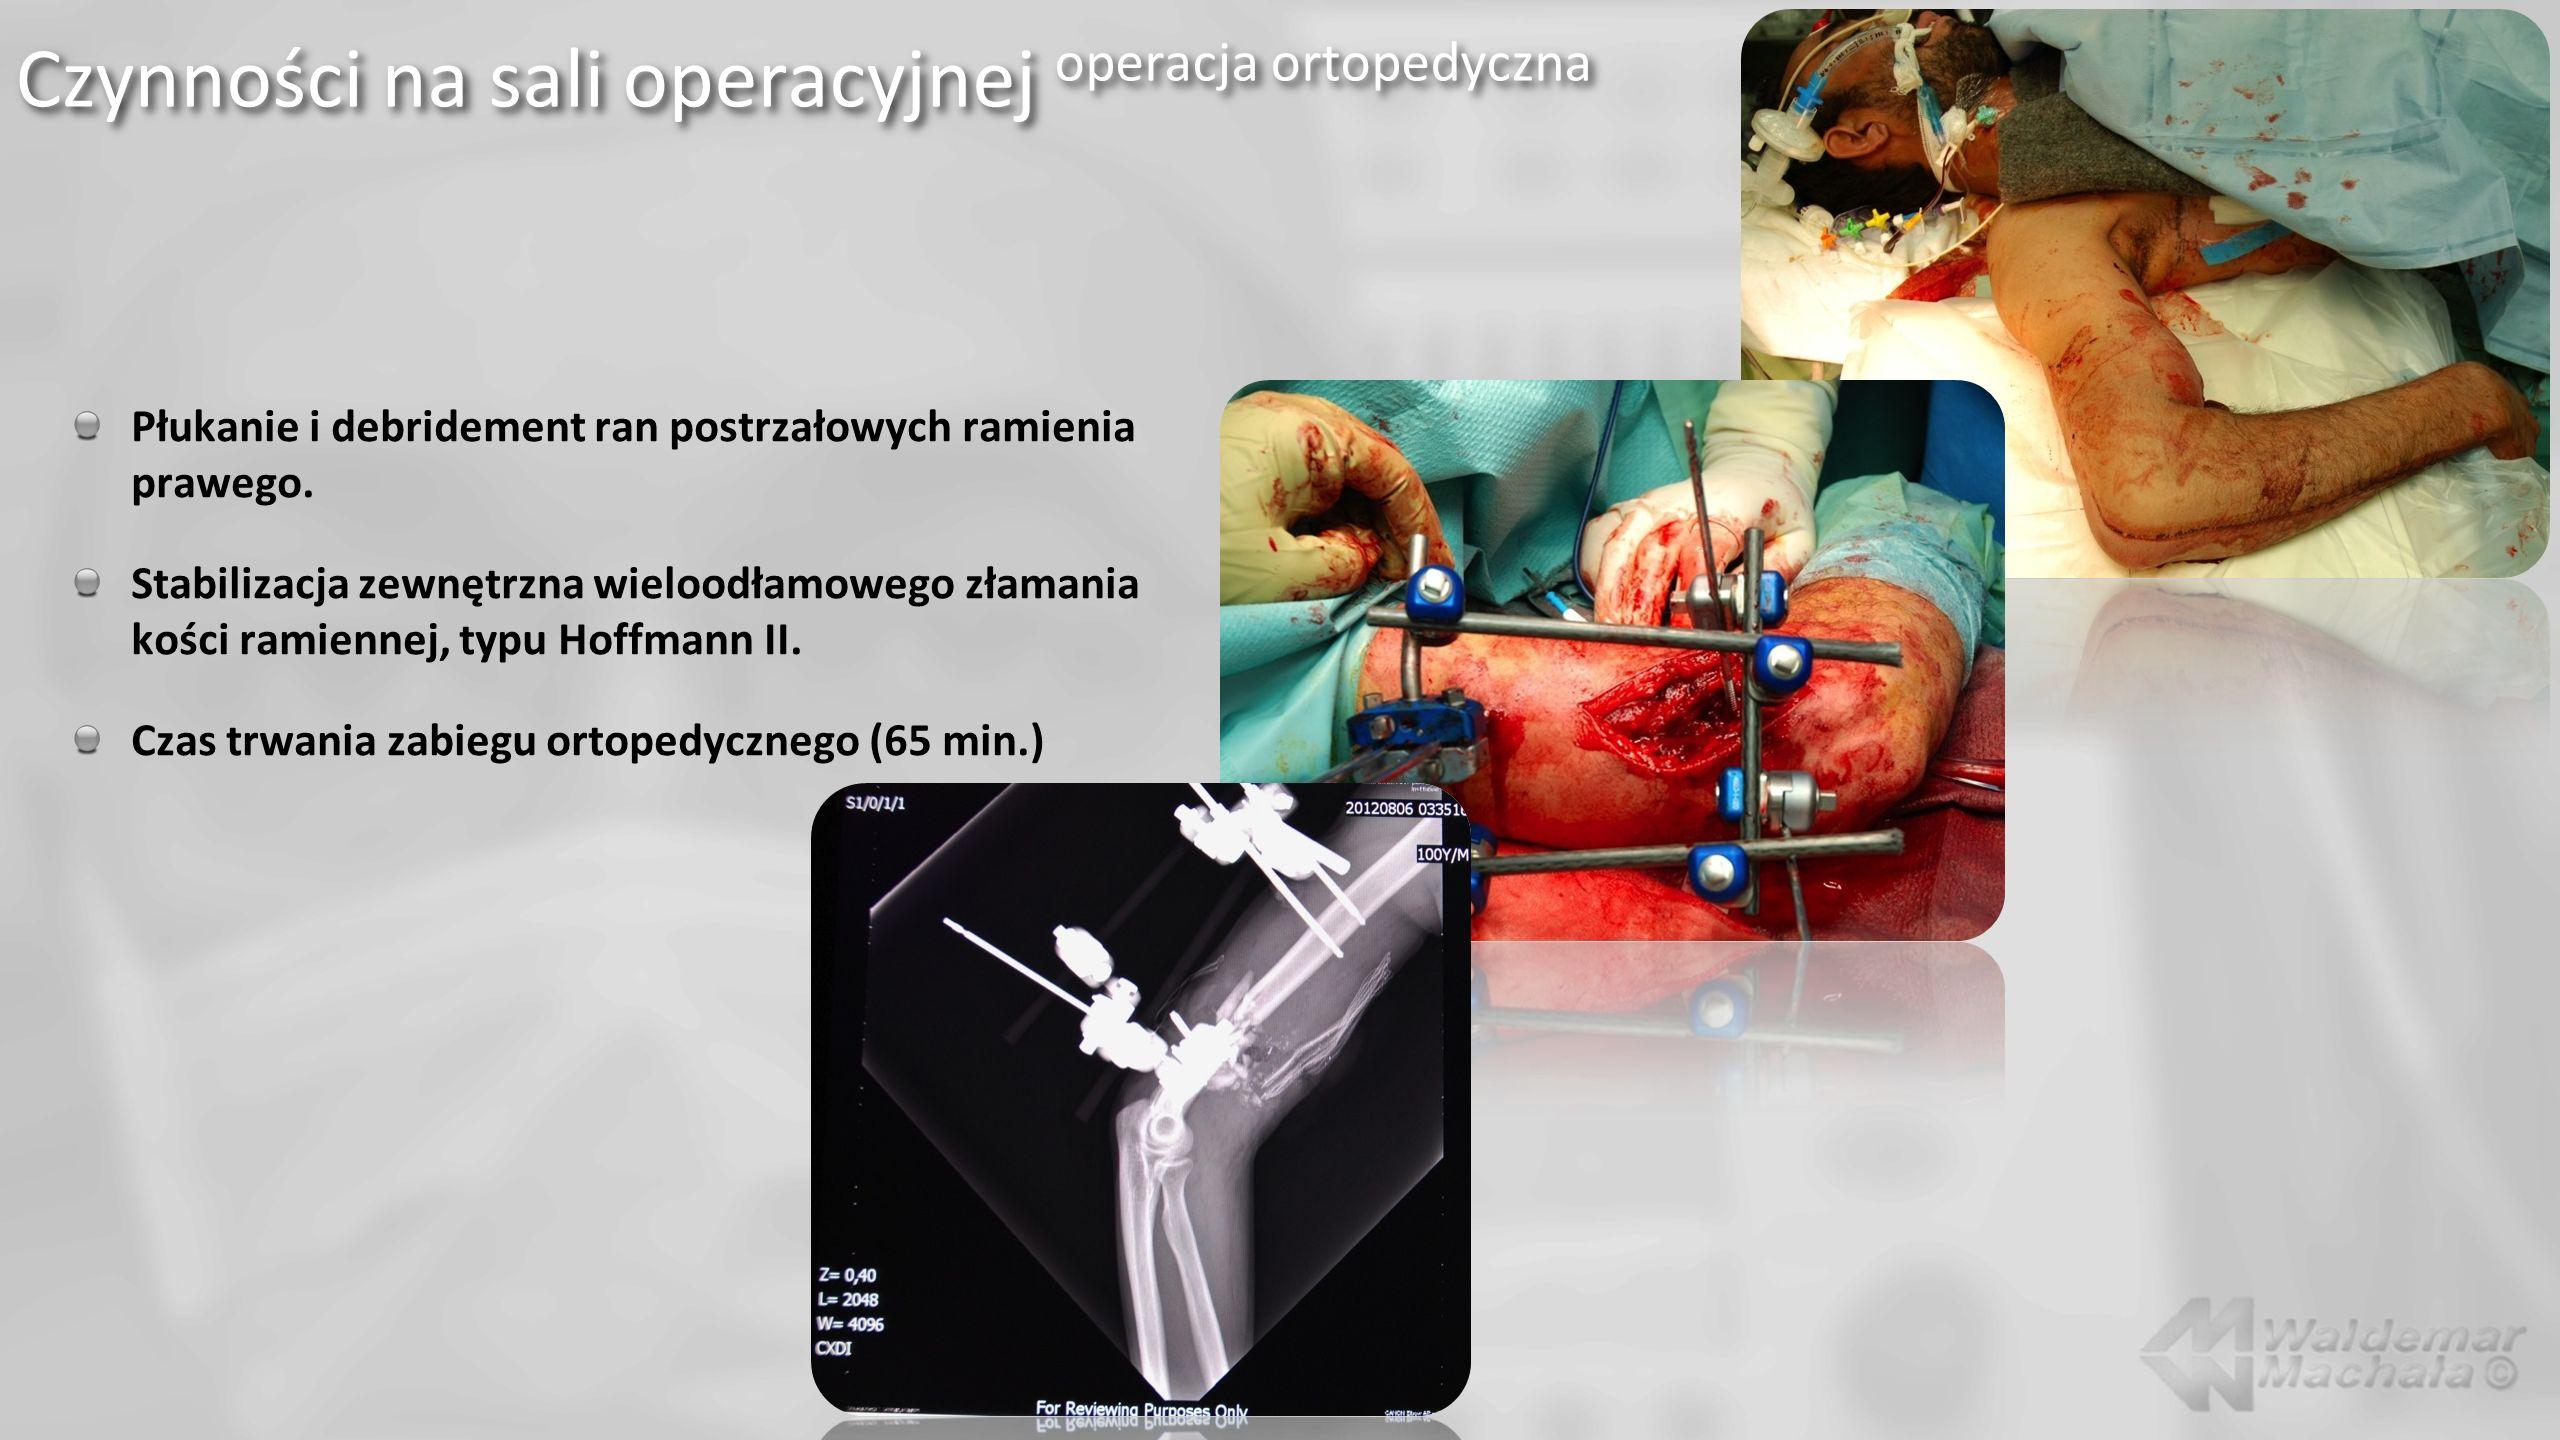 Płukanie i debridement ran postrzałowych ramienia prawego. Stabilizacja zewnętrzna wieloodłamowego złamania kości ramiennej, typu Hoffmann II. Czas tr